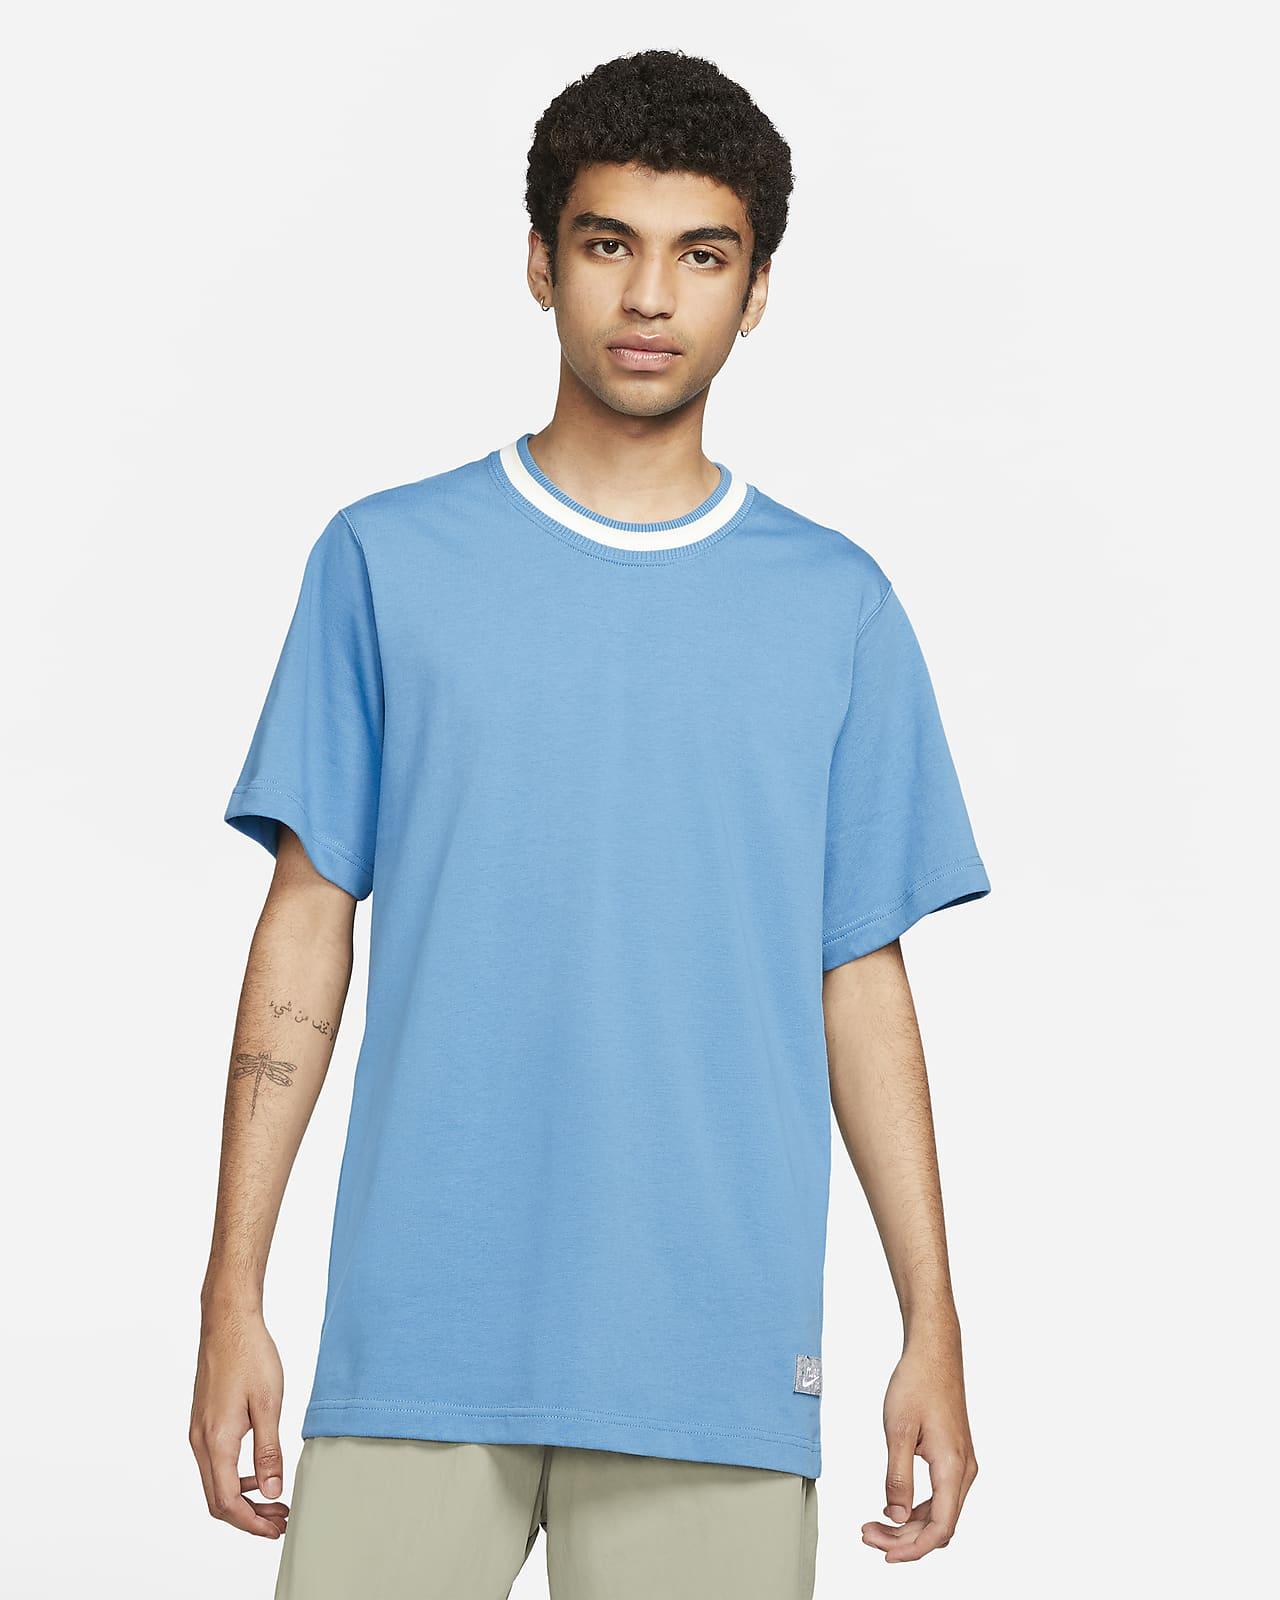 เสื้อสเก็ตบอร์ด Nike SB